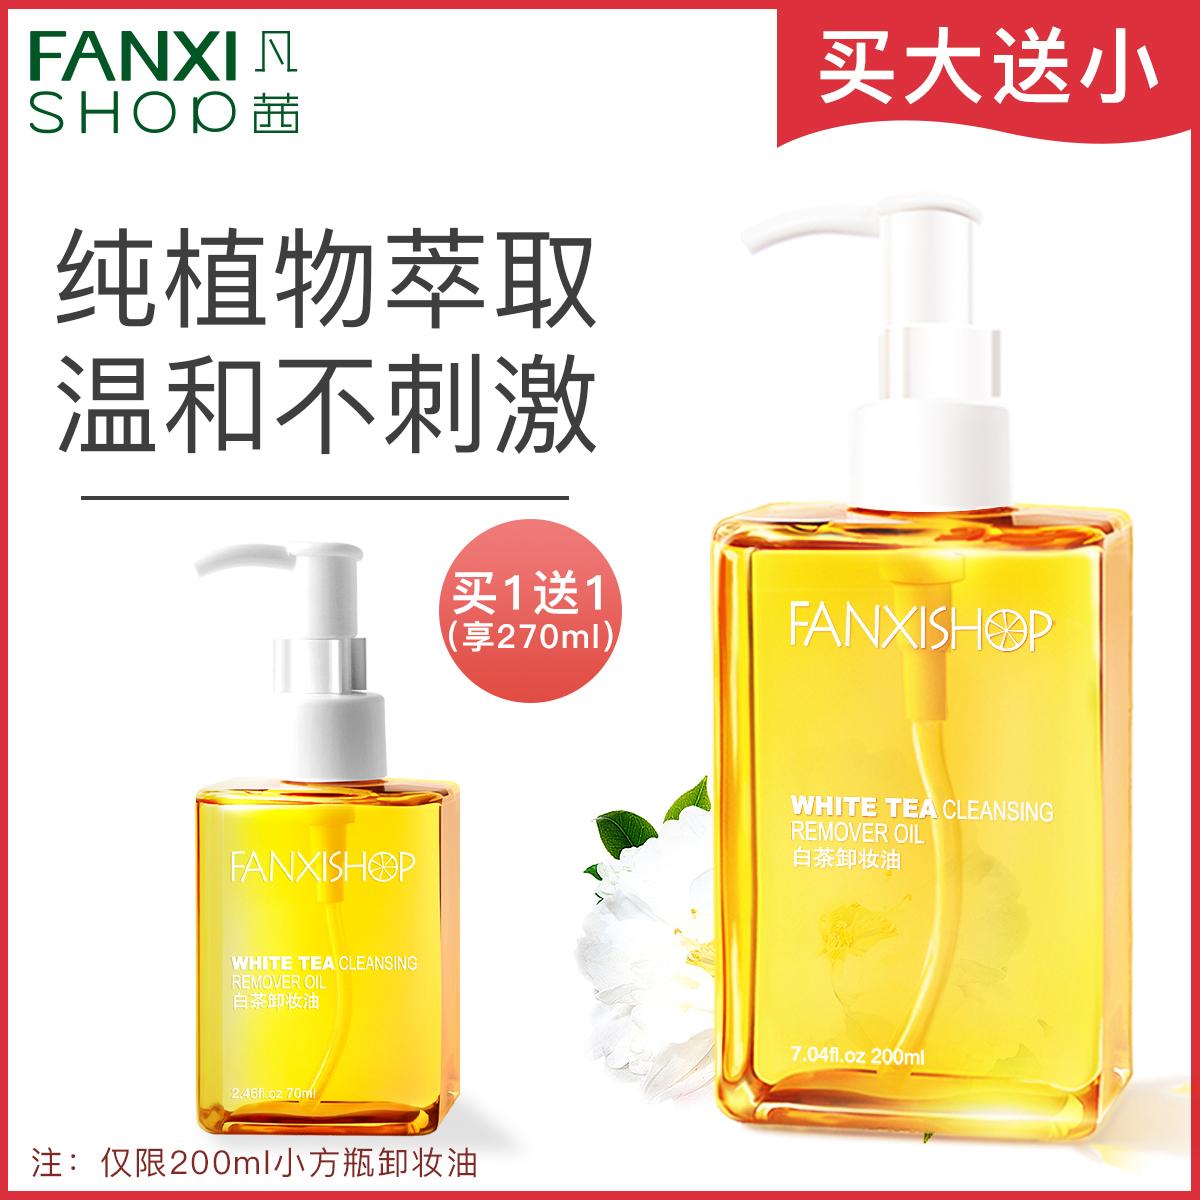 凡茜 白茶小方瓶卸妆油正品卸妆水深层清洁脸部眼唇温和卸妆液乳